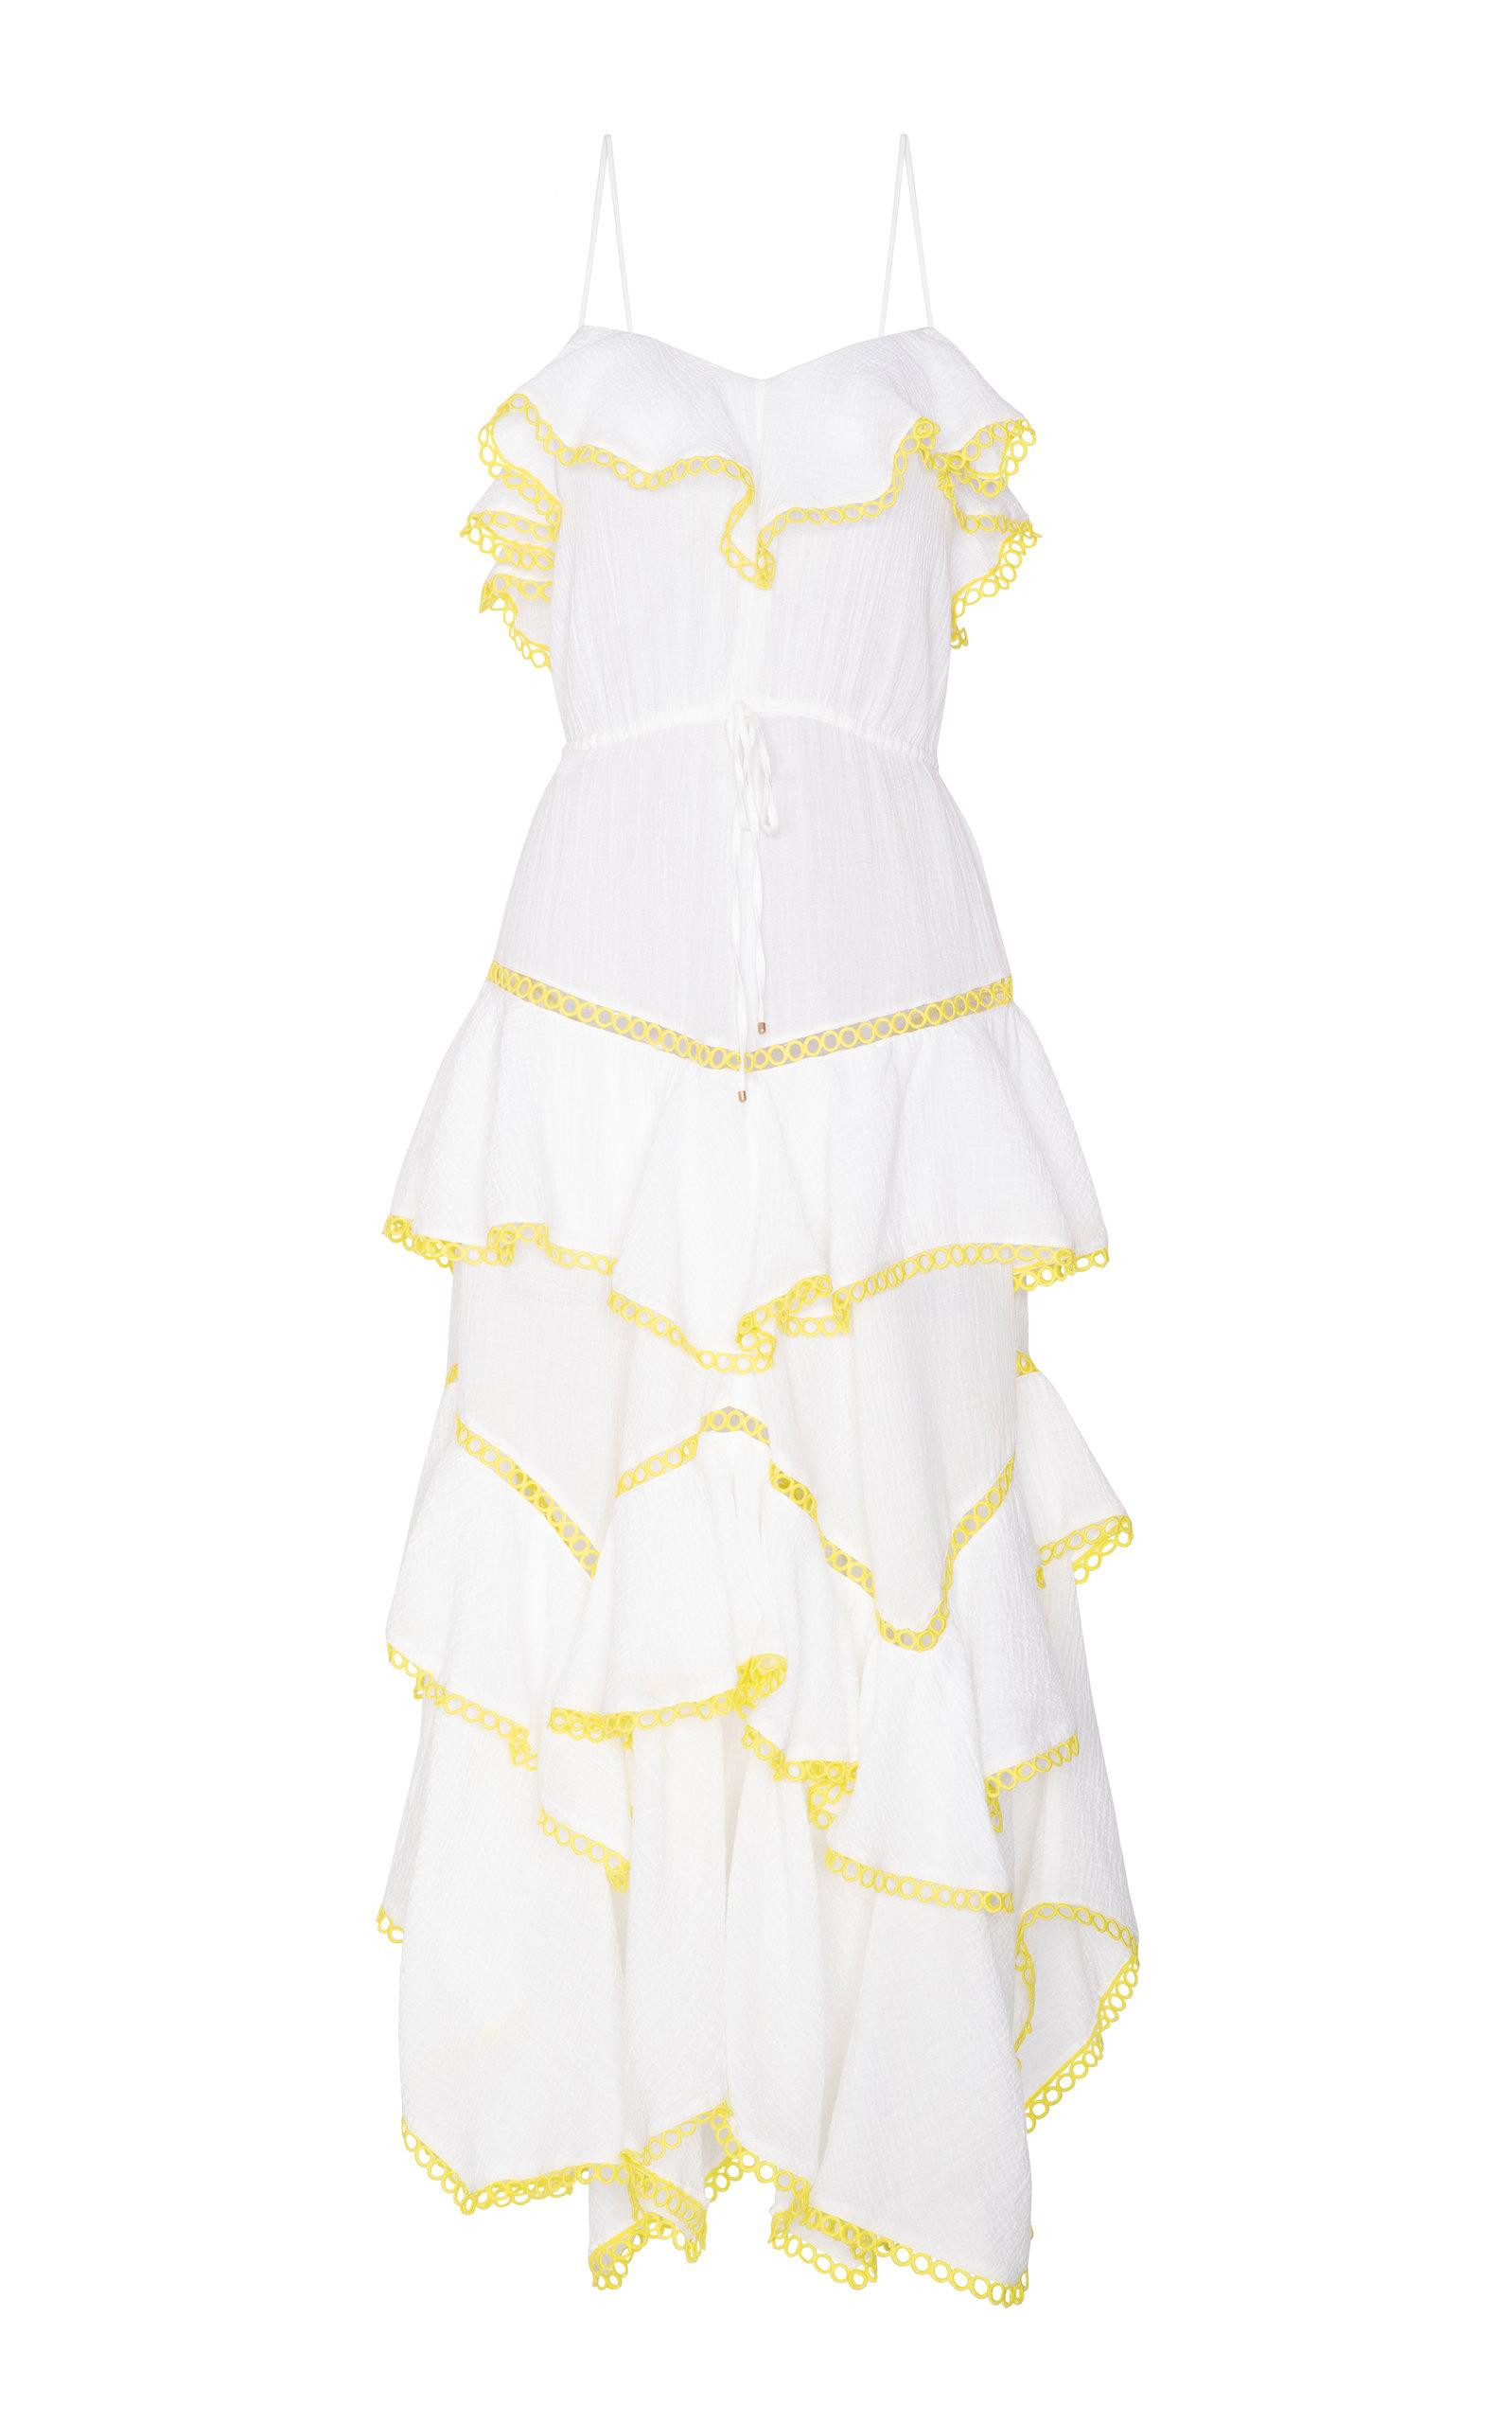 MARIA LUCIA HOHAN IRIS SLEEVELESS COTTON VOILE DRESS